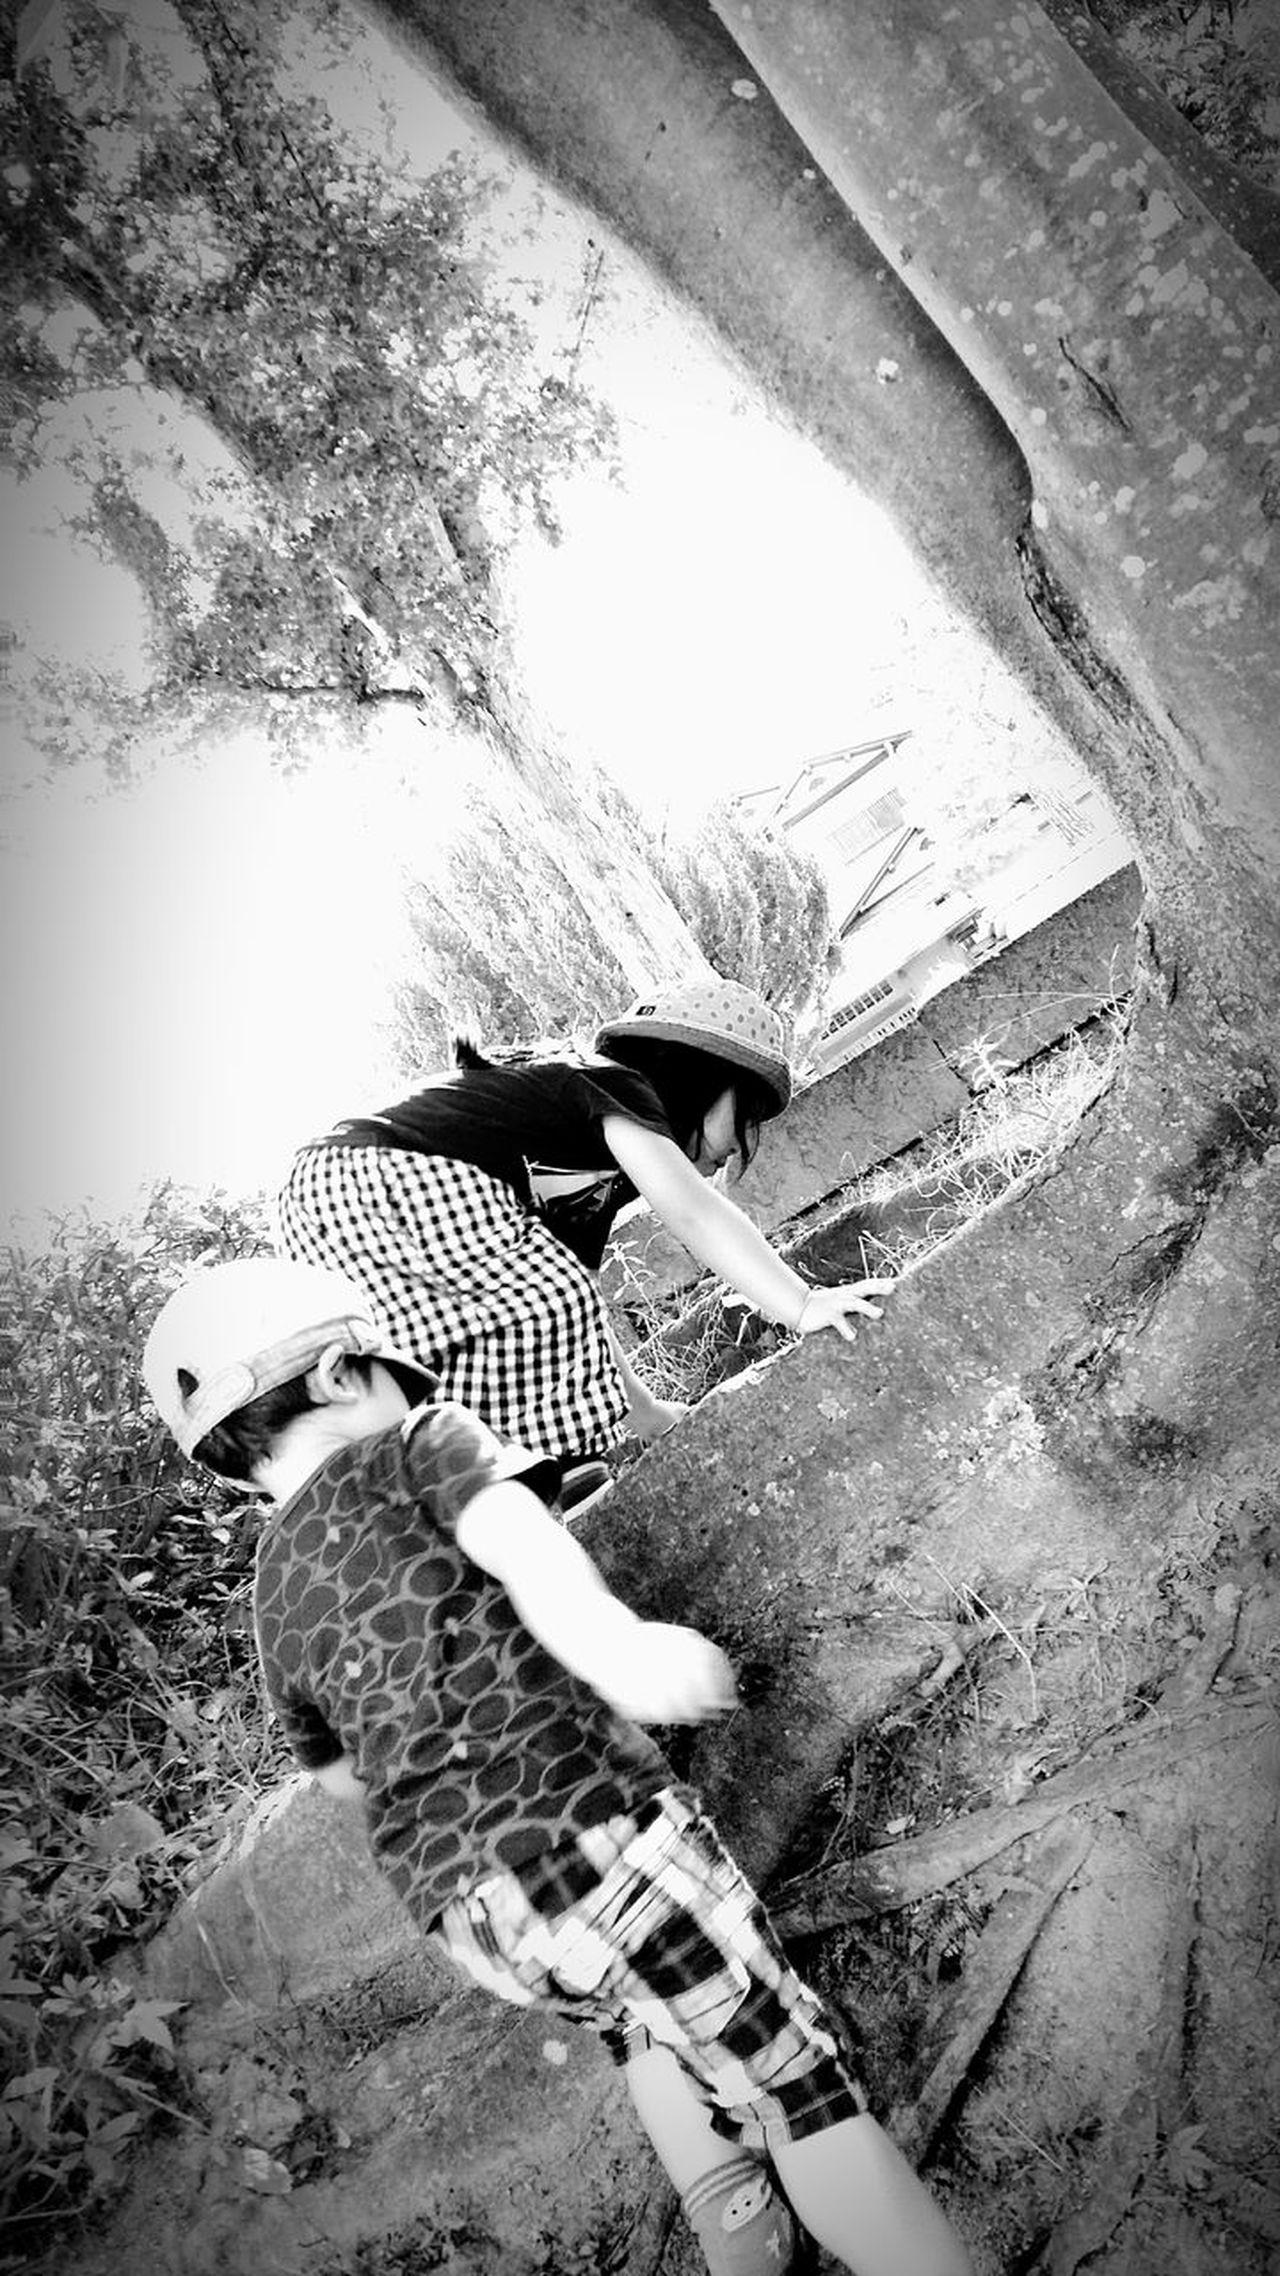 [16.08.21] 挑戦 。 Black & White Monochrome Walking Nature Tree Beauty In Nature Pixlr Japanese  Person Cool Japan Japan Park Outdoors Day People Creative Light And Shadow Black And White Enjoying Life Child